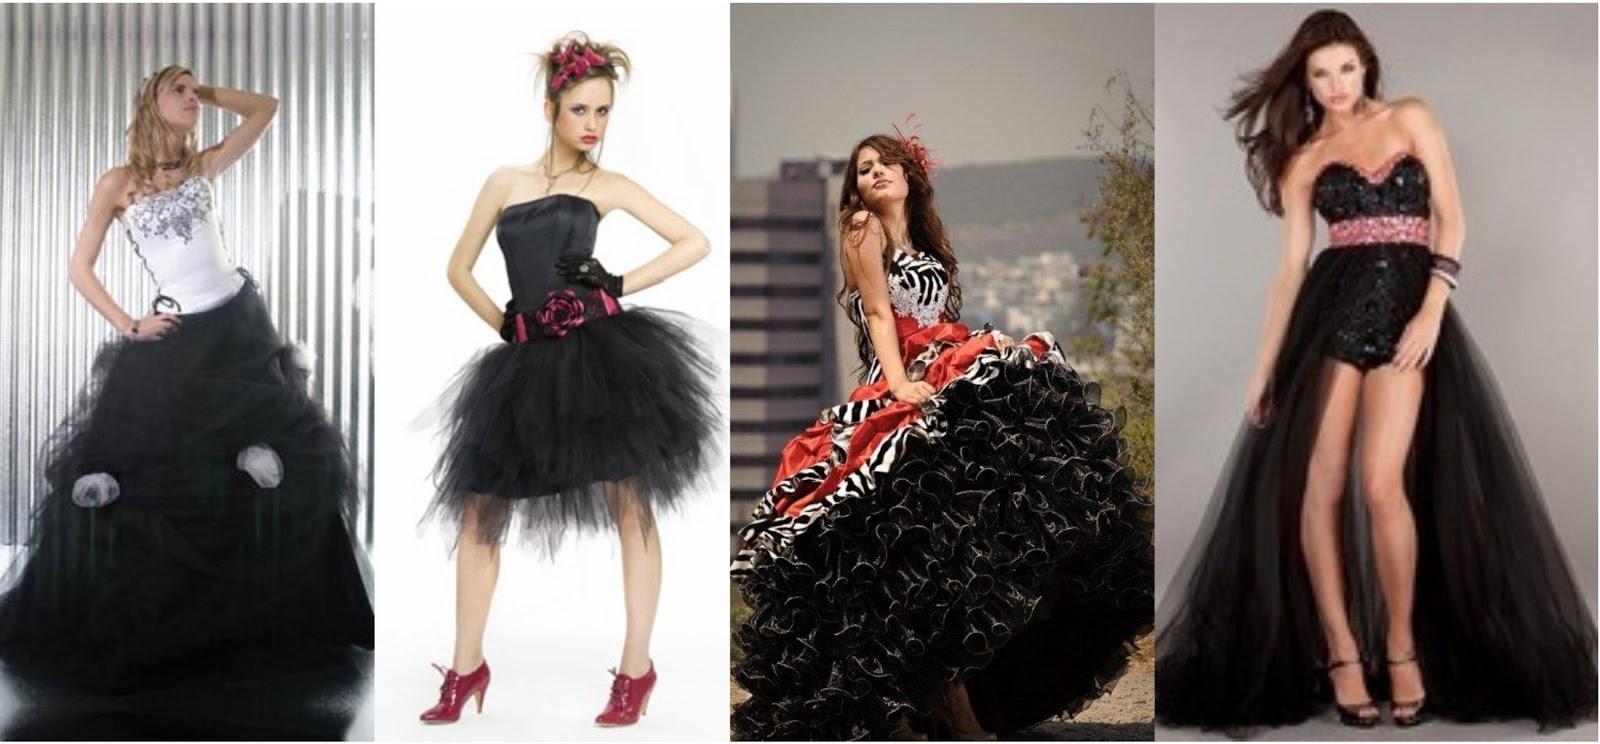 Traje Baño Hombre Antiguo:Mujeres Moda y Belleza: Vestidos negros para celebrar los 15 años de